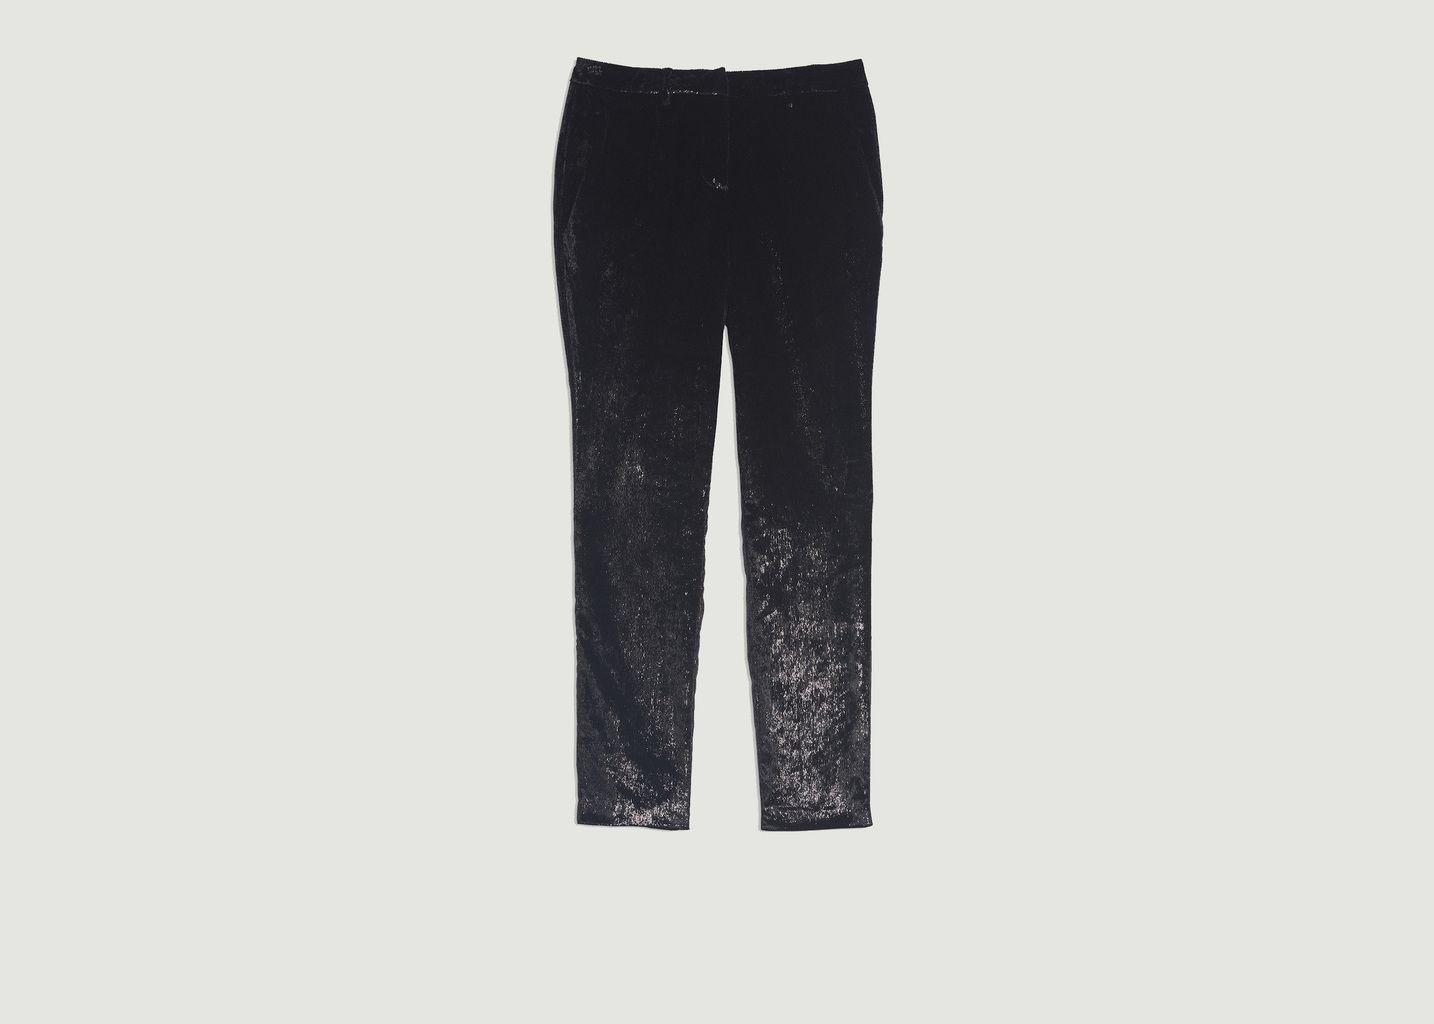 Pantalon droit brillant Kodi - Ba&sh